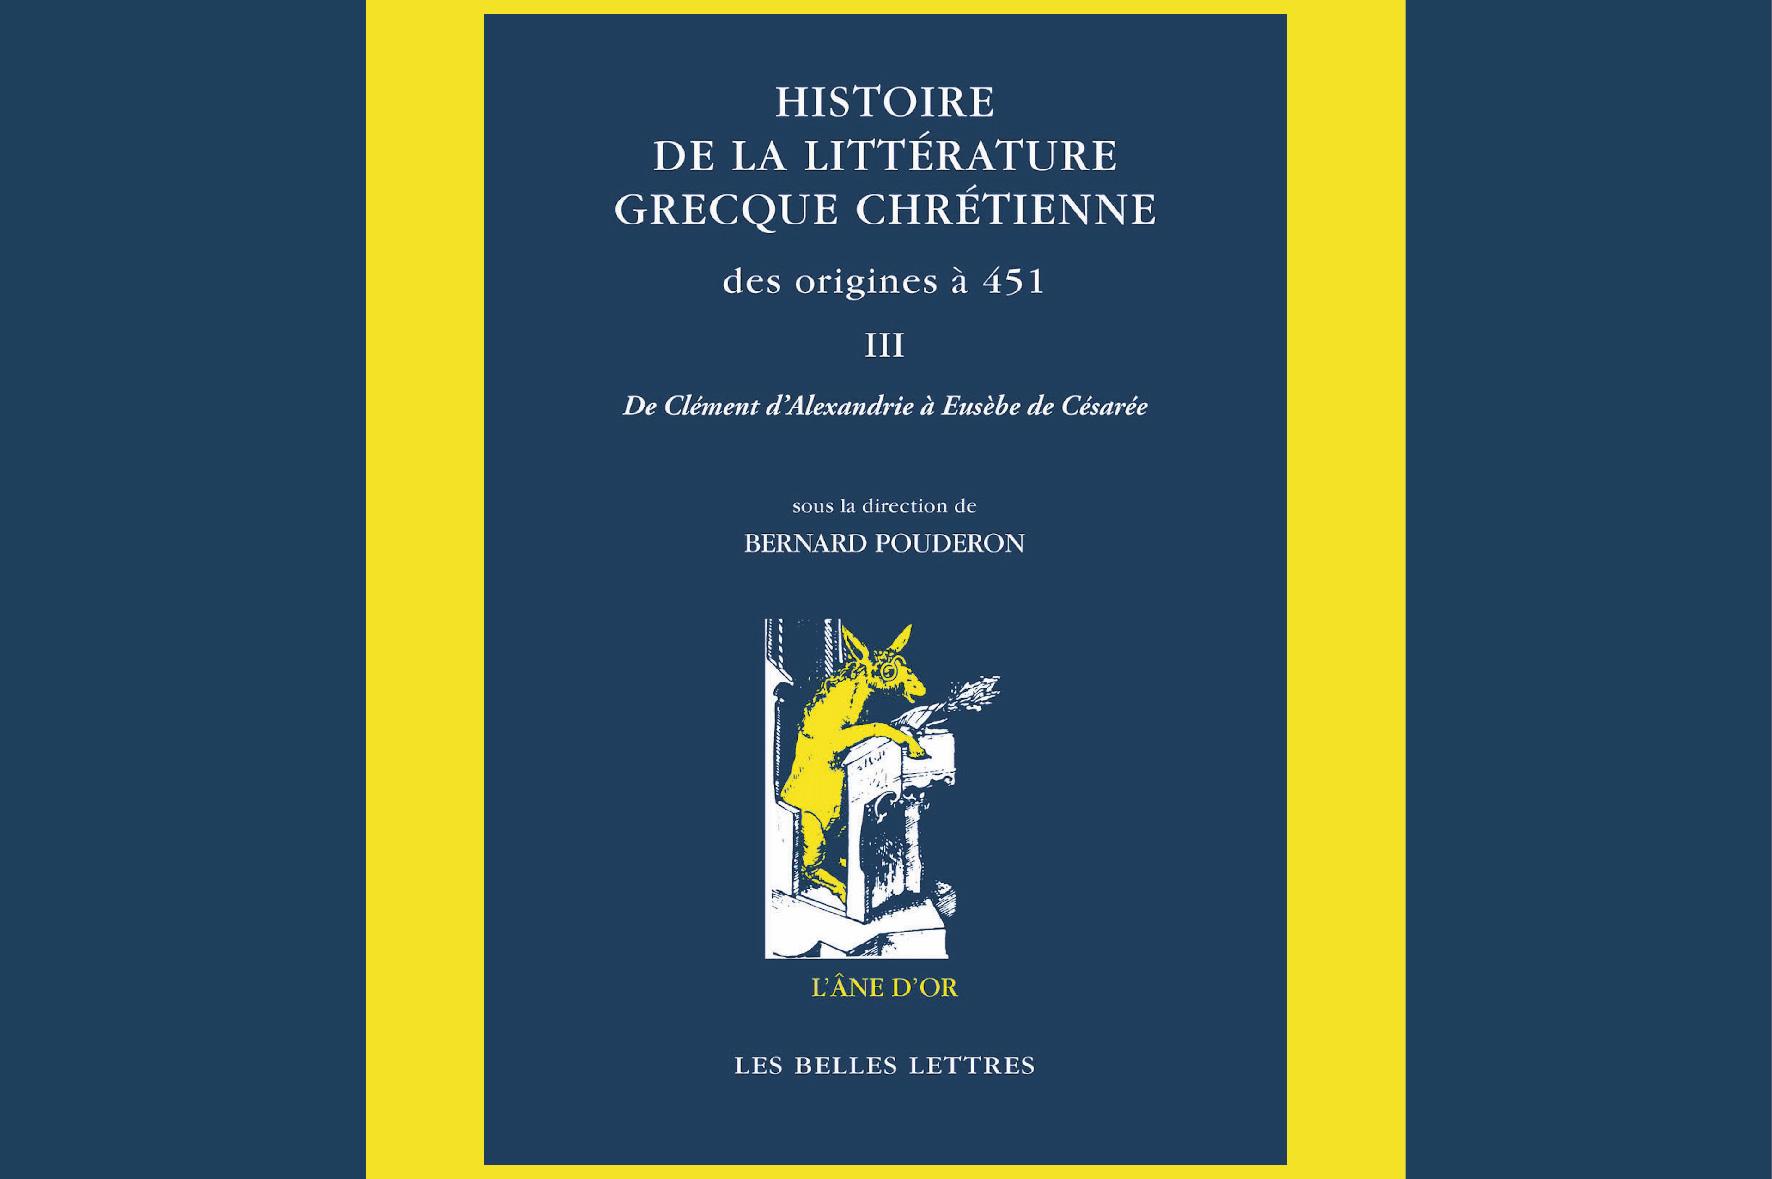 Histoire de la littérature_POUDRON.jpg